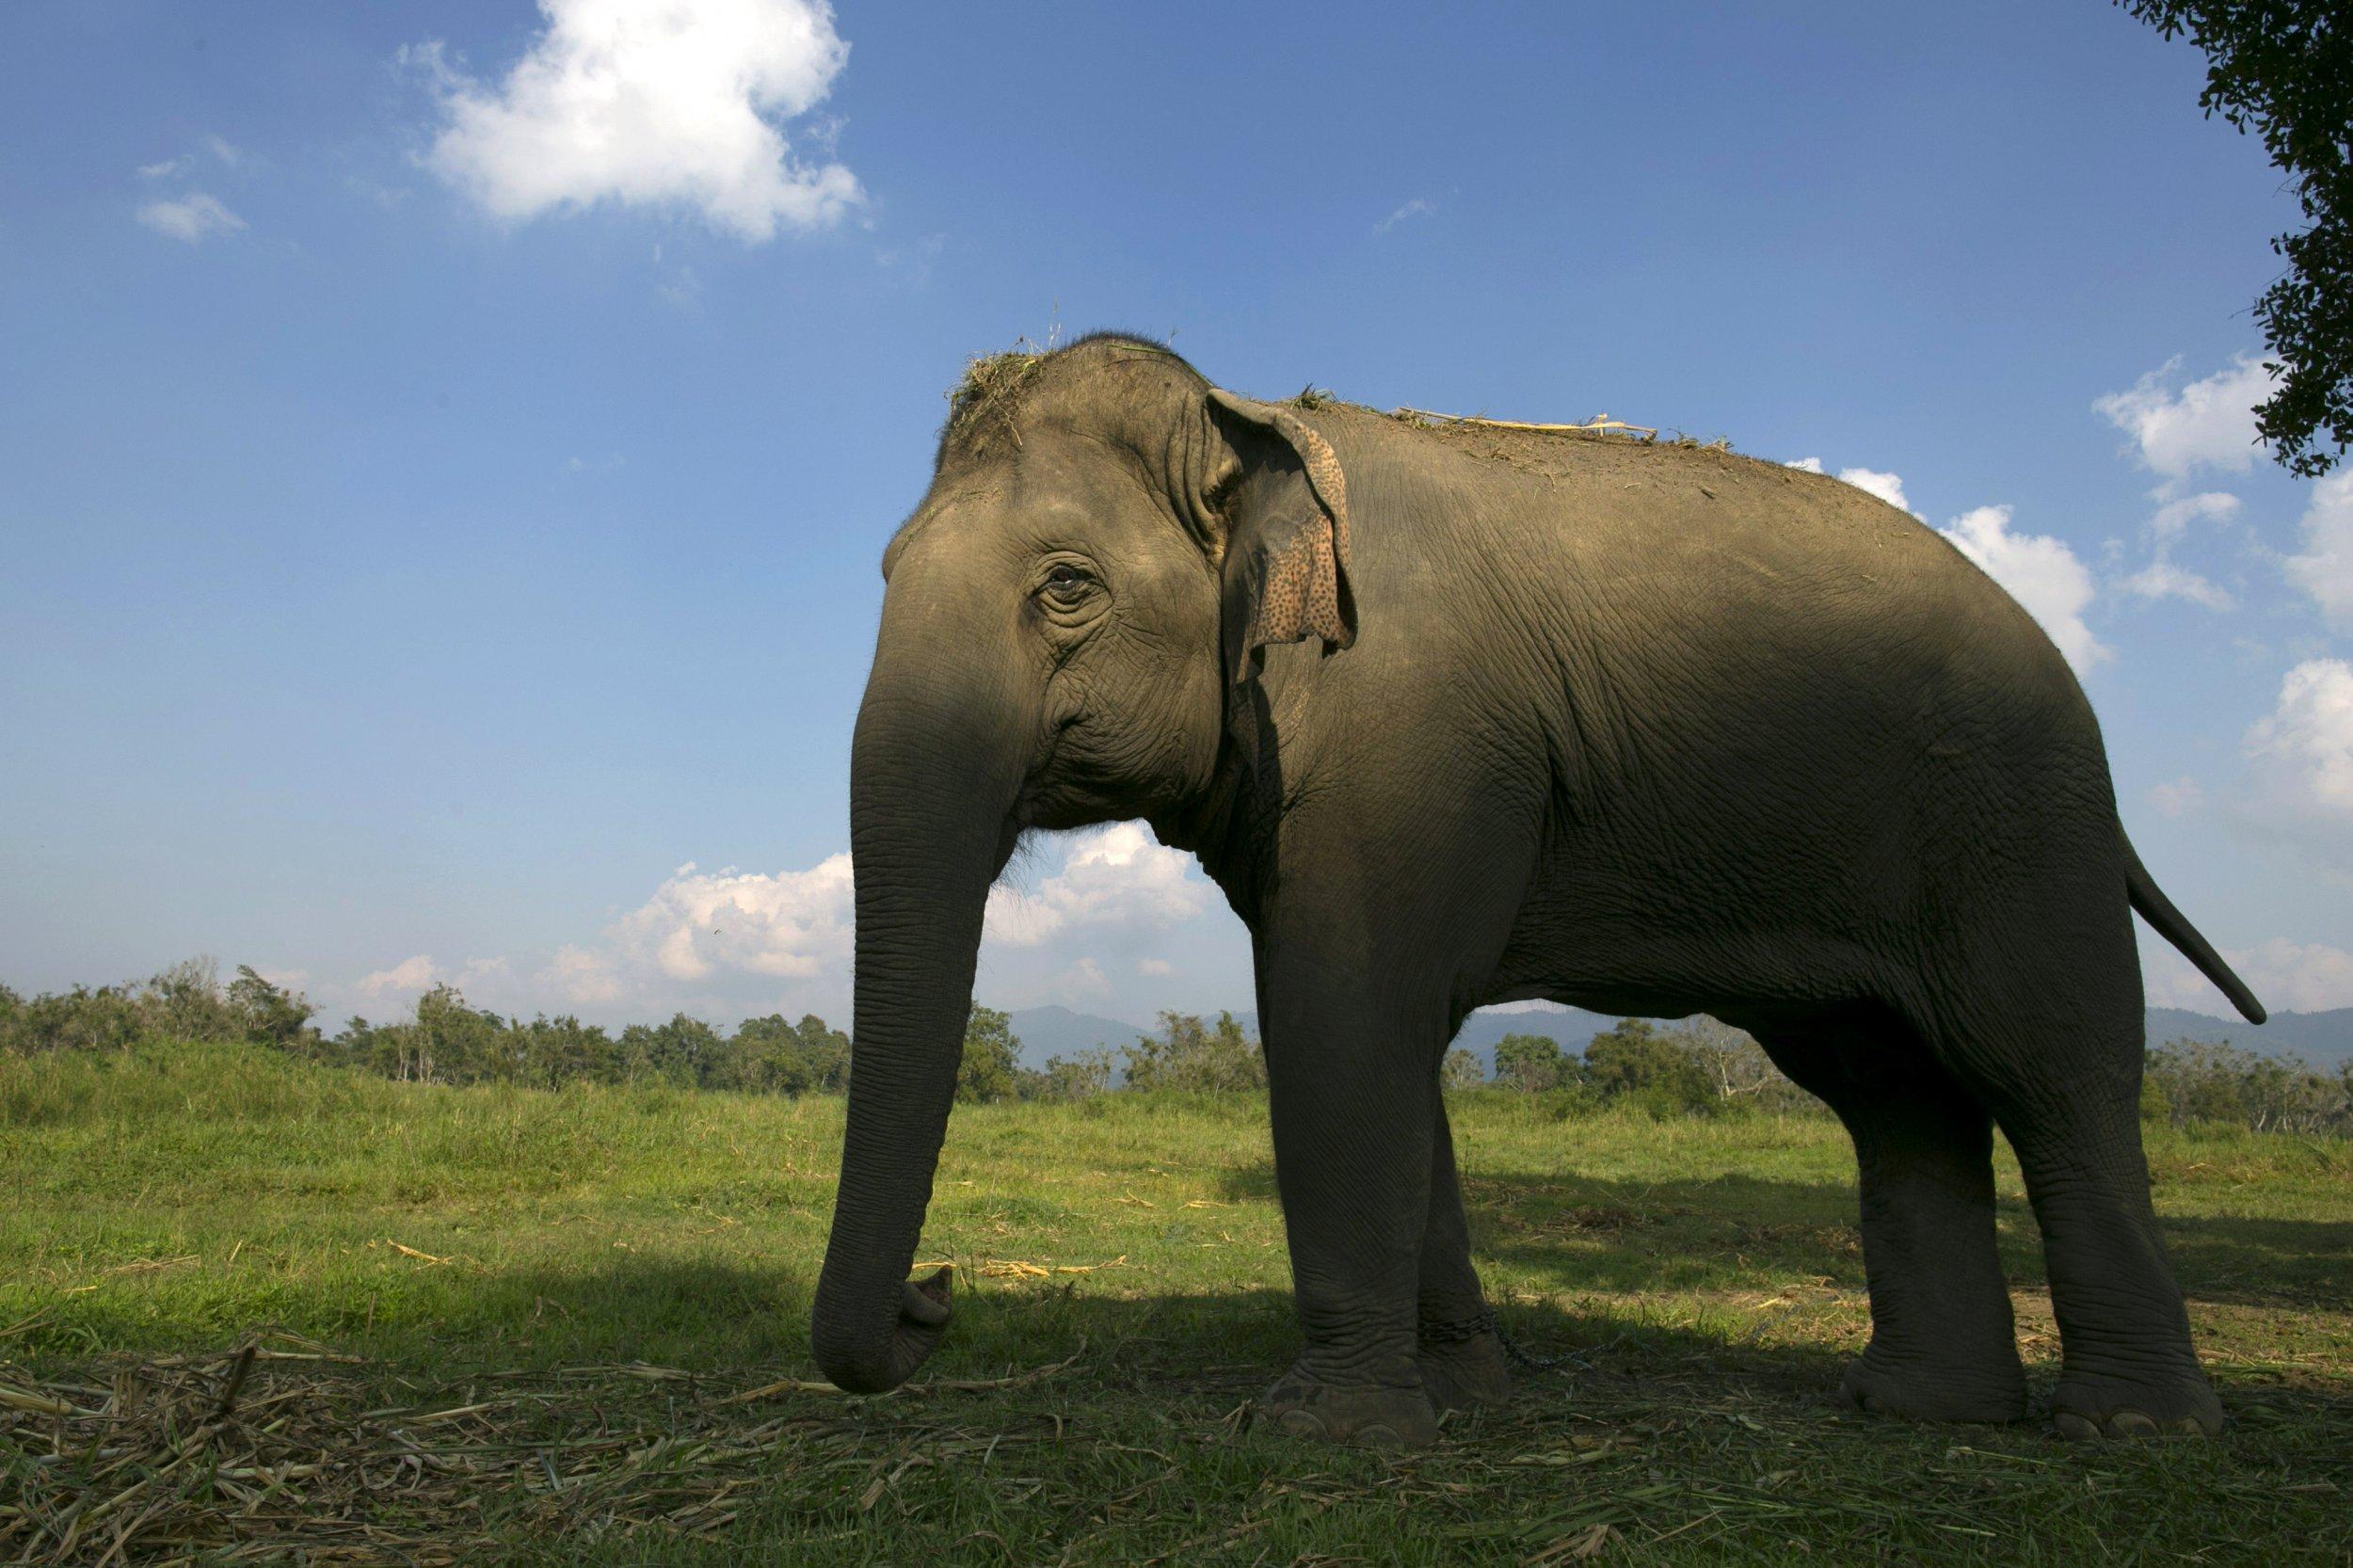 elephant hero pic